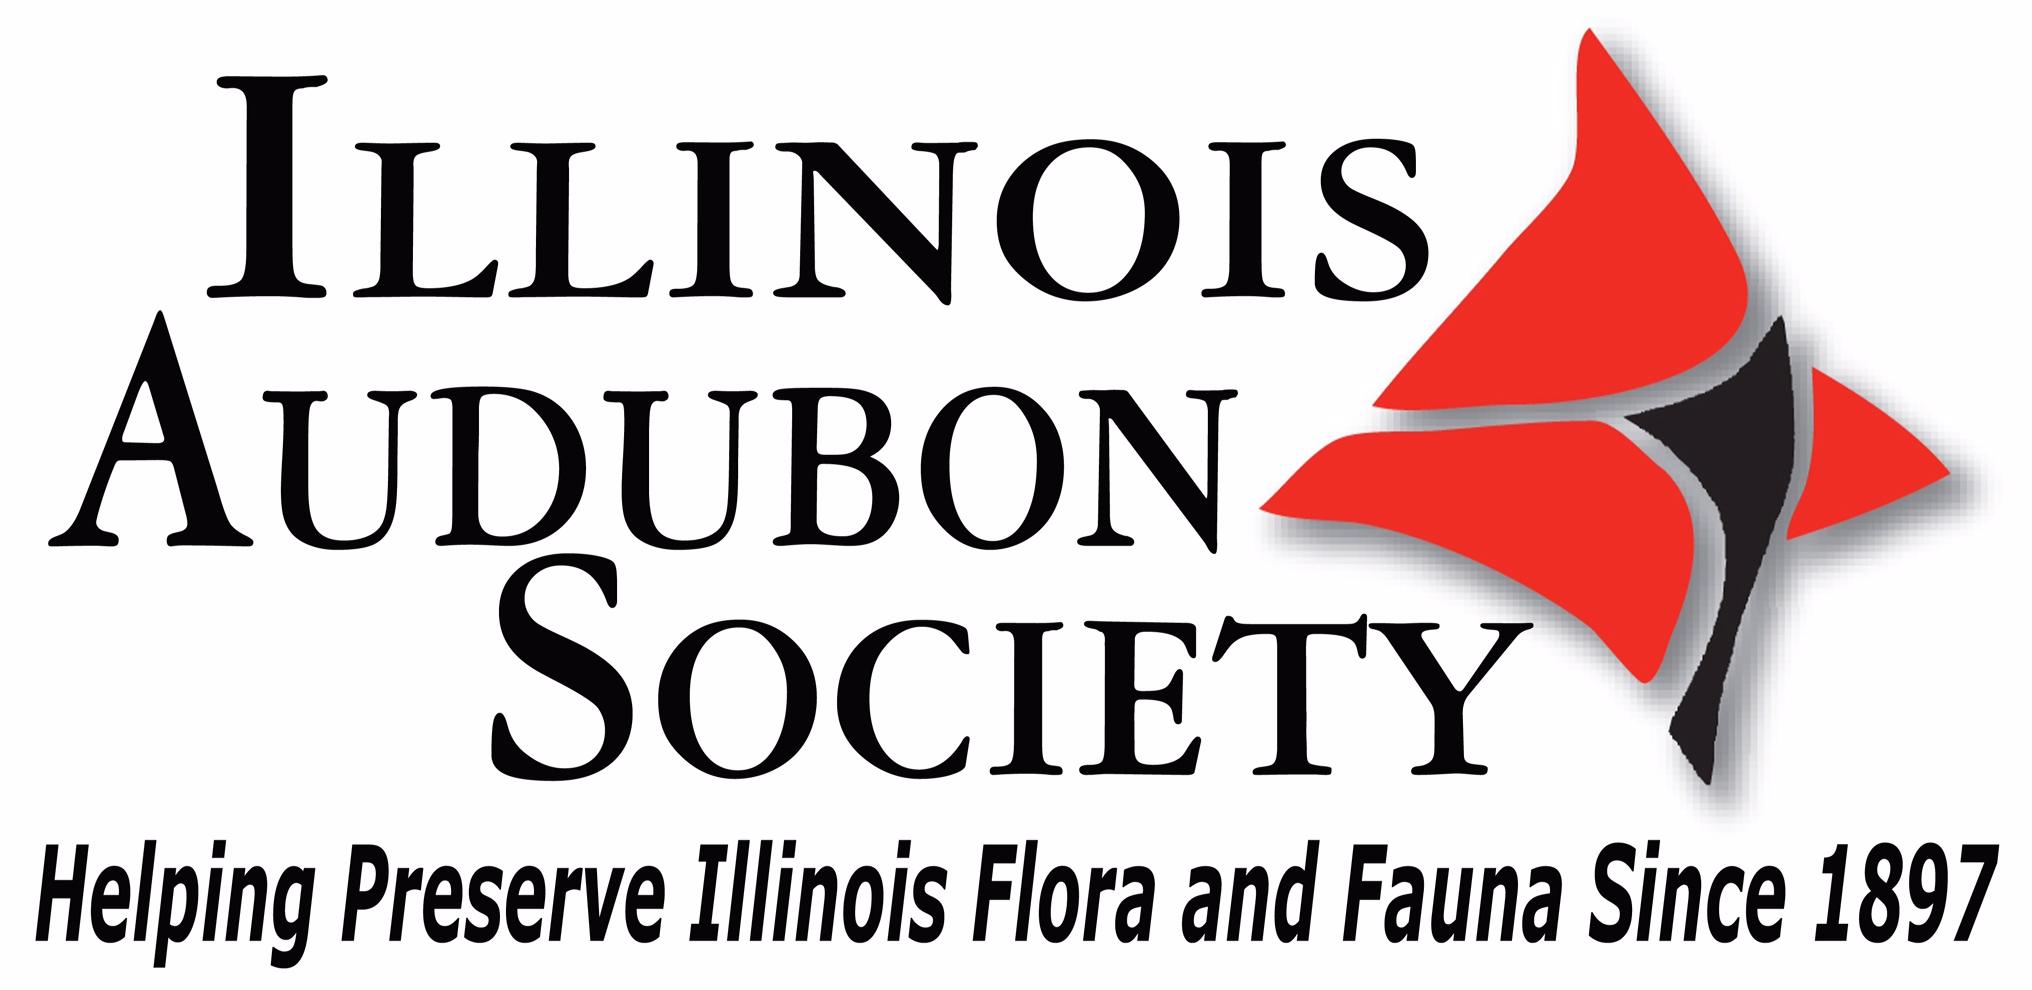 Illinois Audubon Society